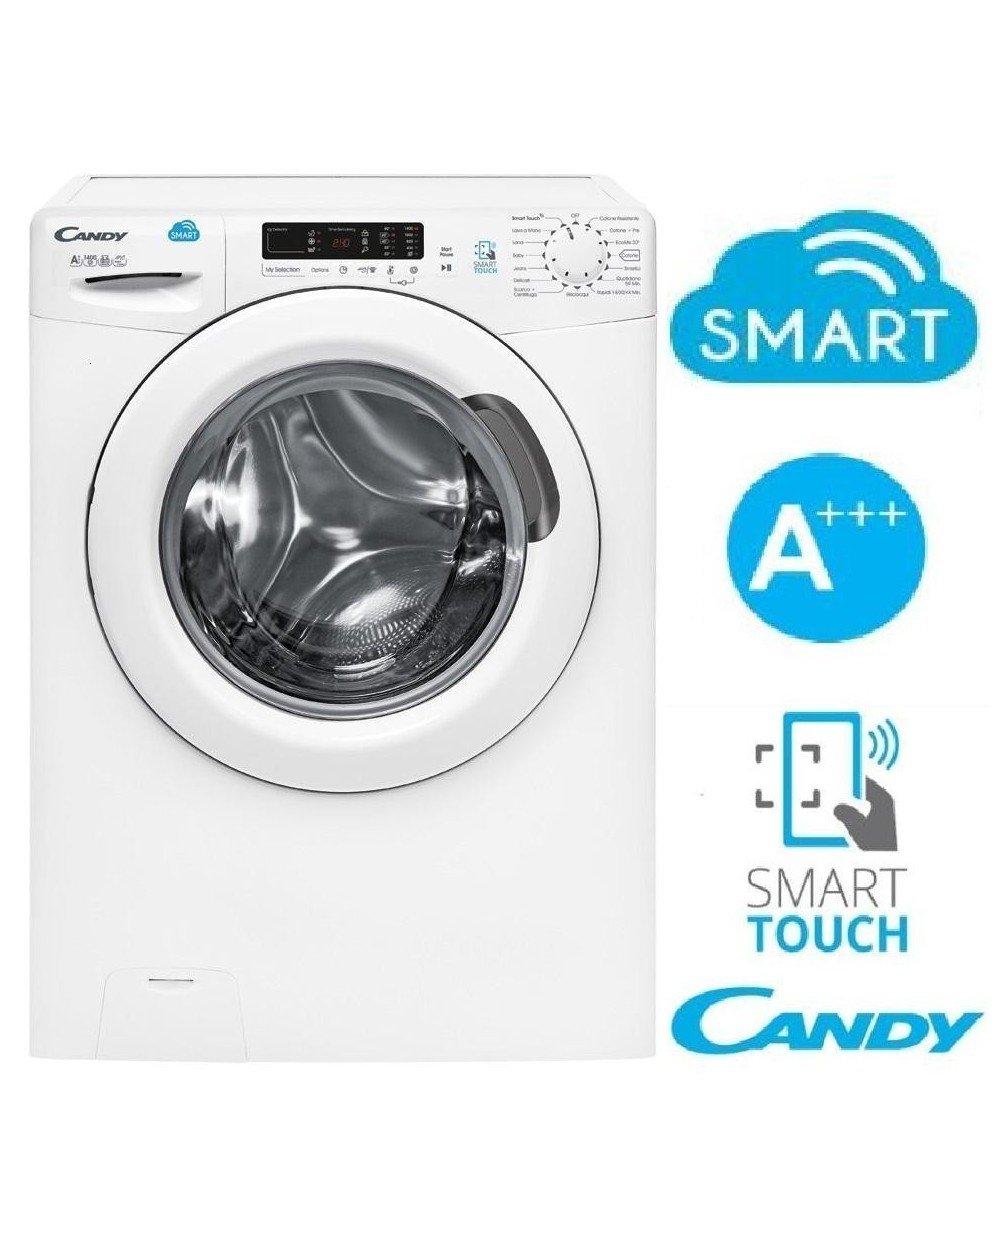 Candy-LAVATRICE-cs1272d3-Waschmaschine–Waschmaschinen